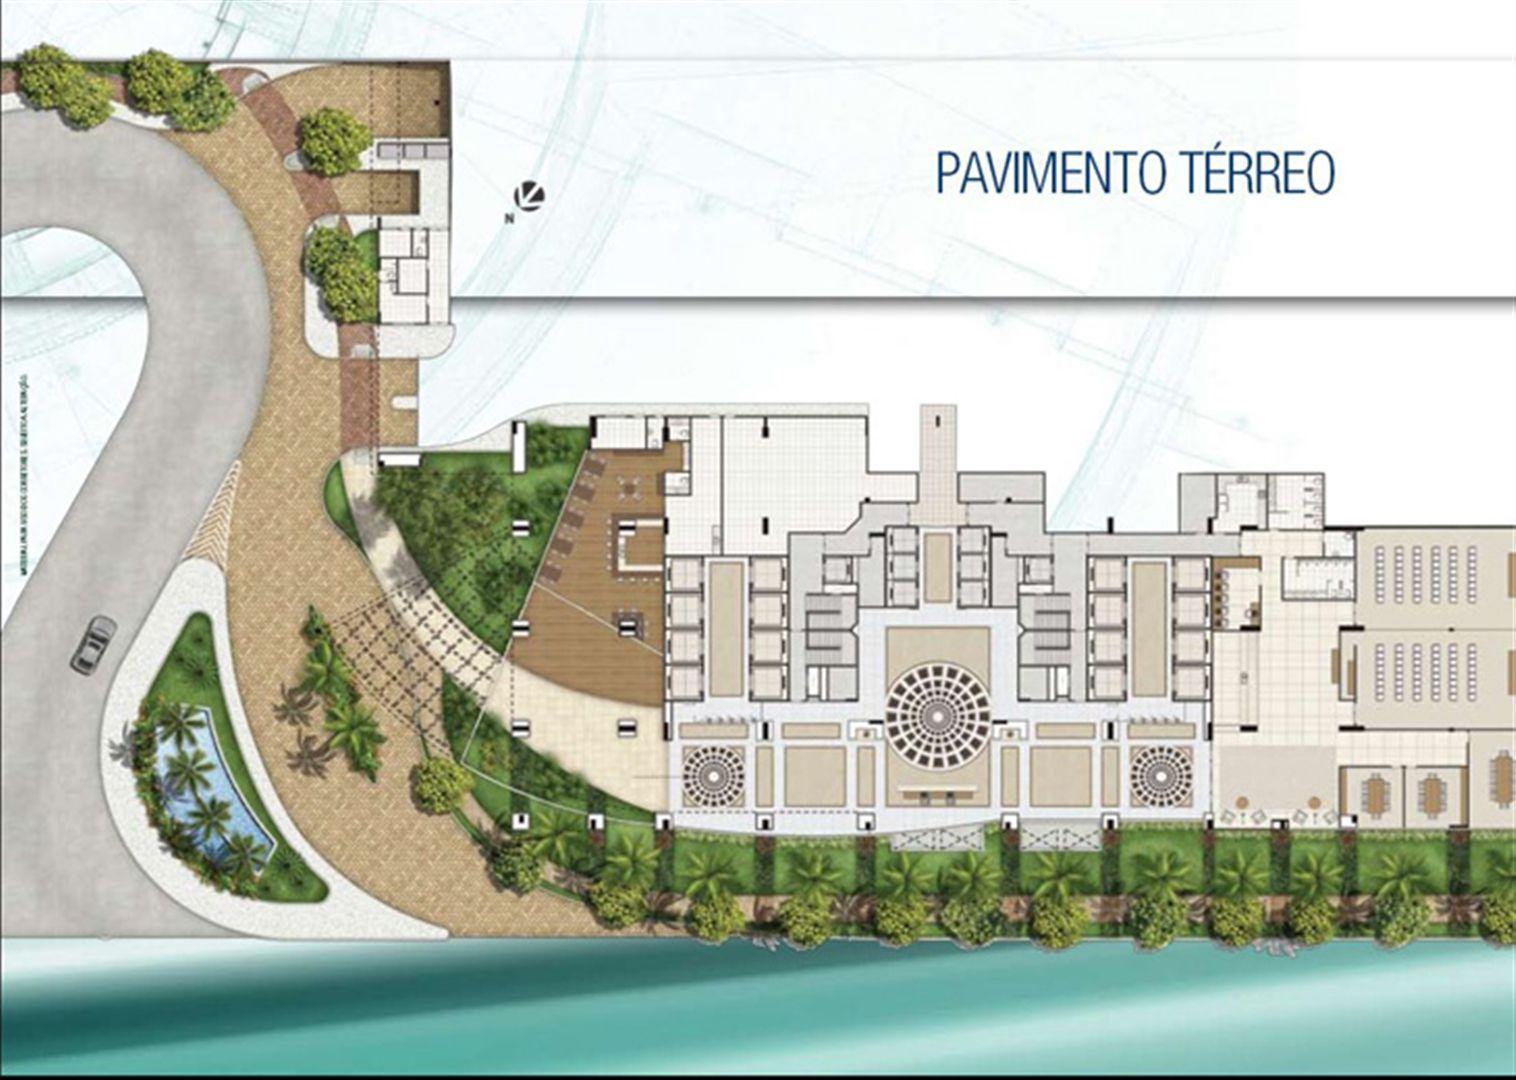 Implantação Pavimento Térreo | CEO Salvador Shopping – Salas Comerciais no  Ao lado do Salvador Shopping - Salvador - Bahia